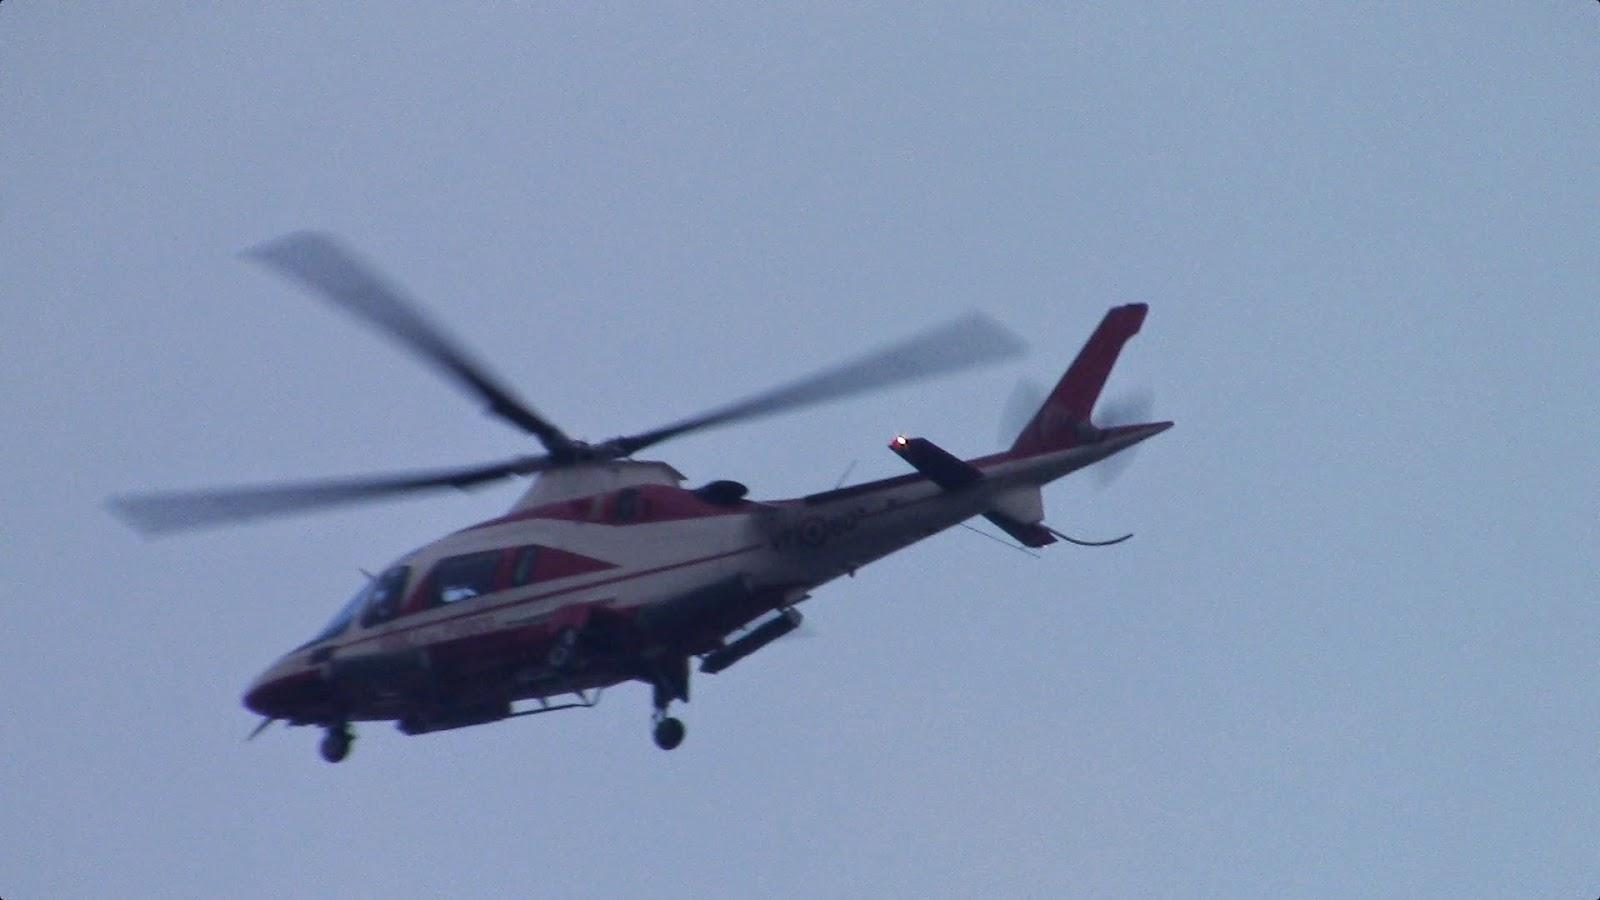 Elicottero Renzo Rosso : Chioggia azzurra donna scomparsa elicotteri e mezzi